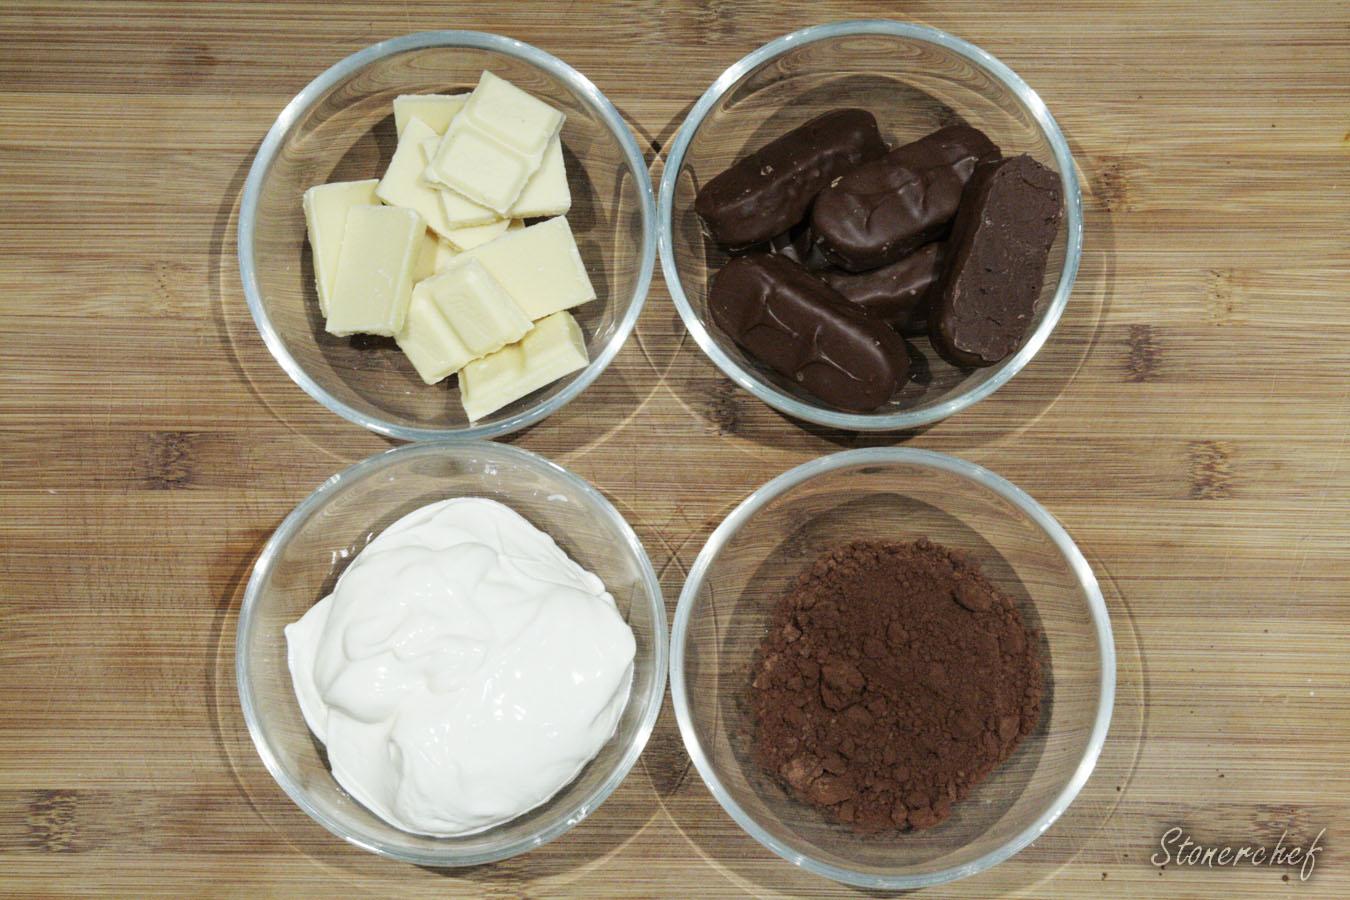 składniki do wykończenia sernika